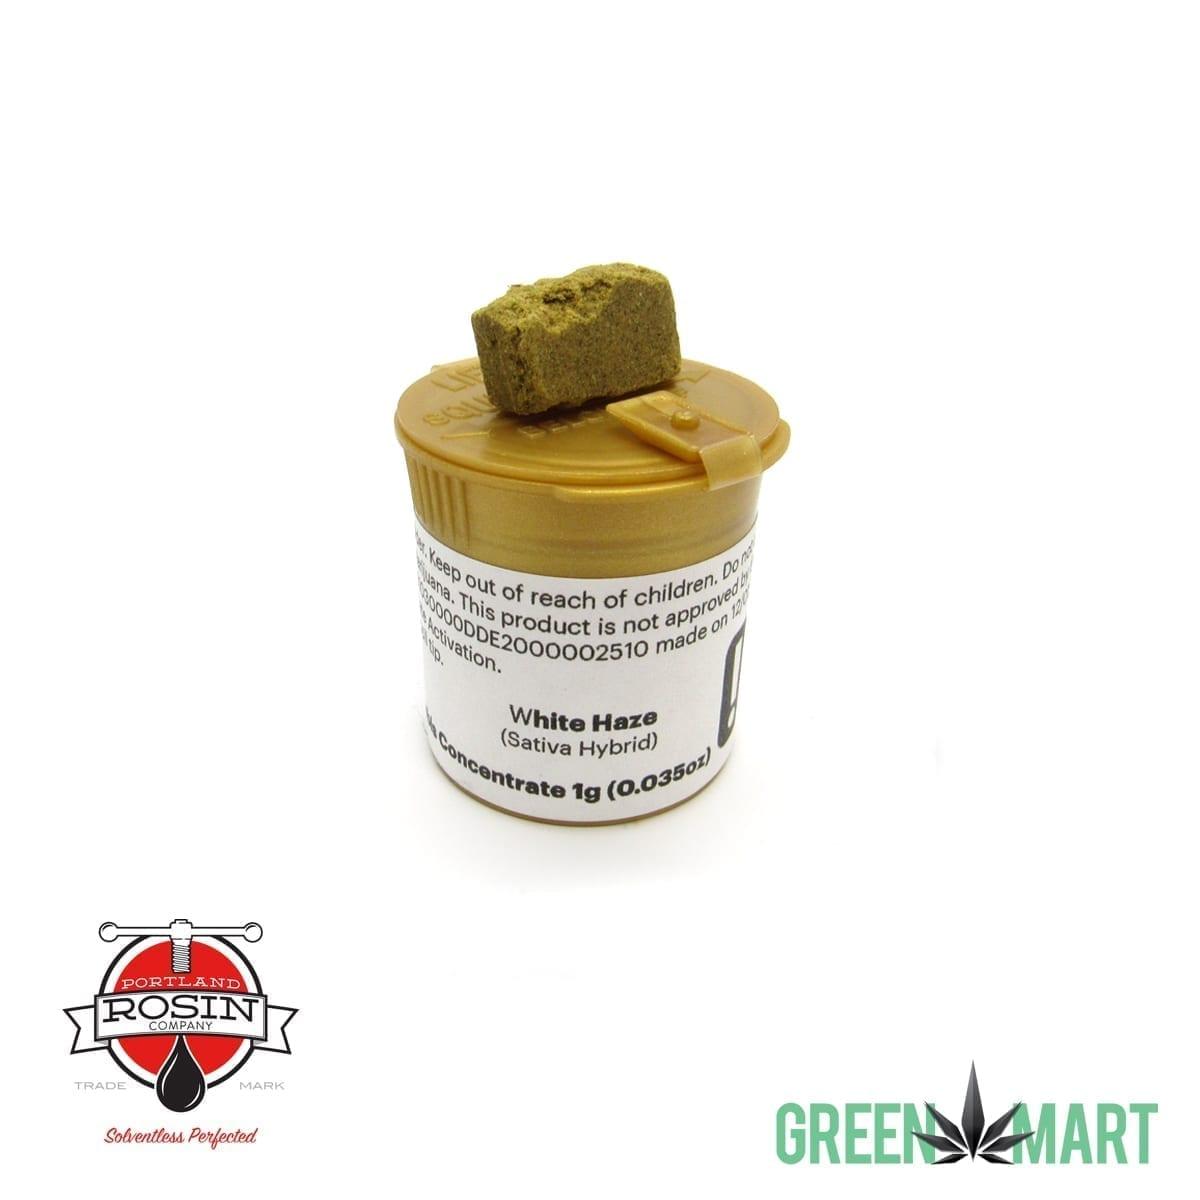 Portland Rosin Company - White Haze